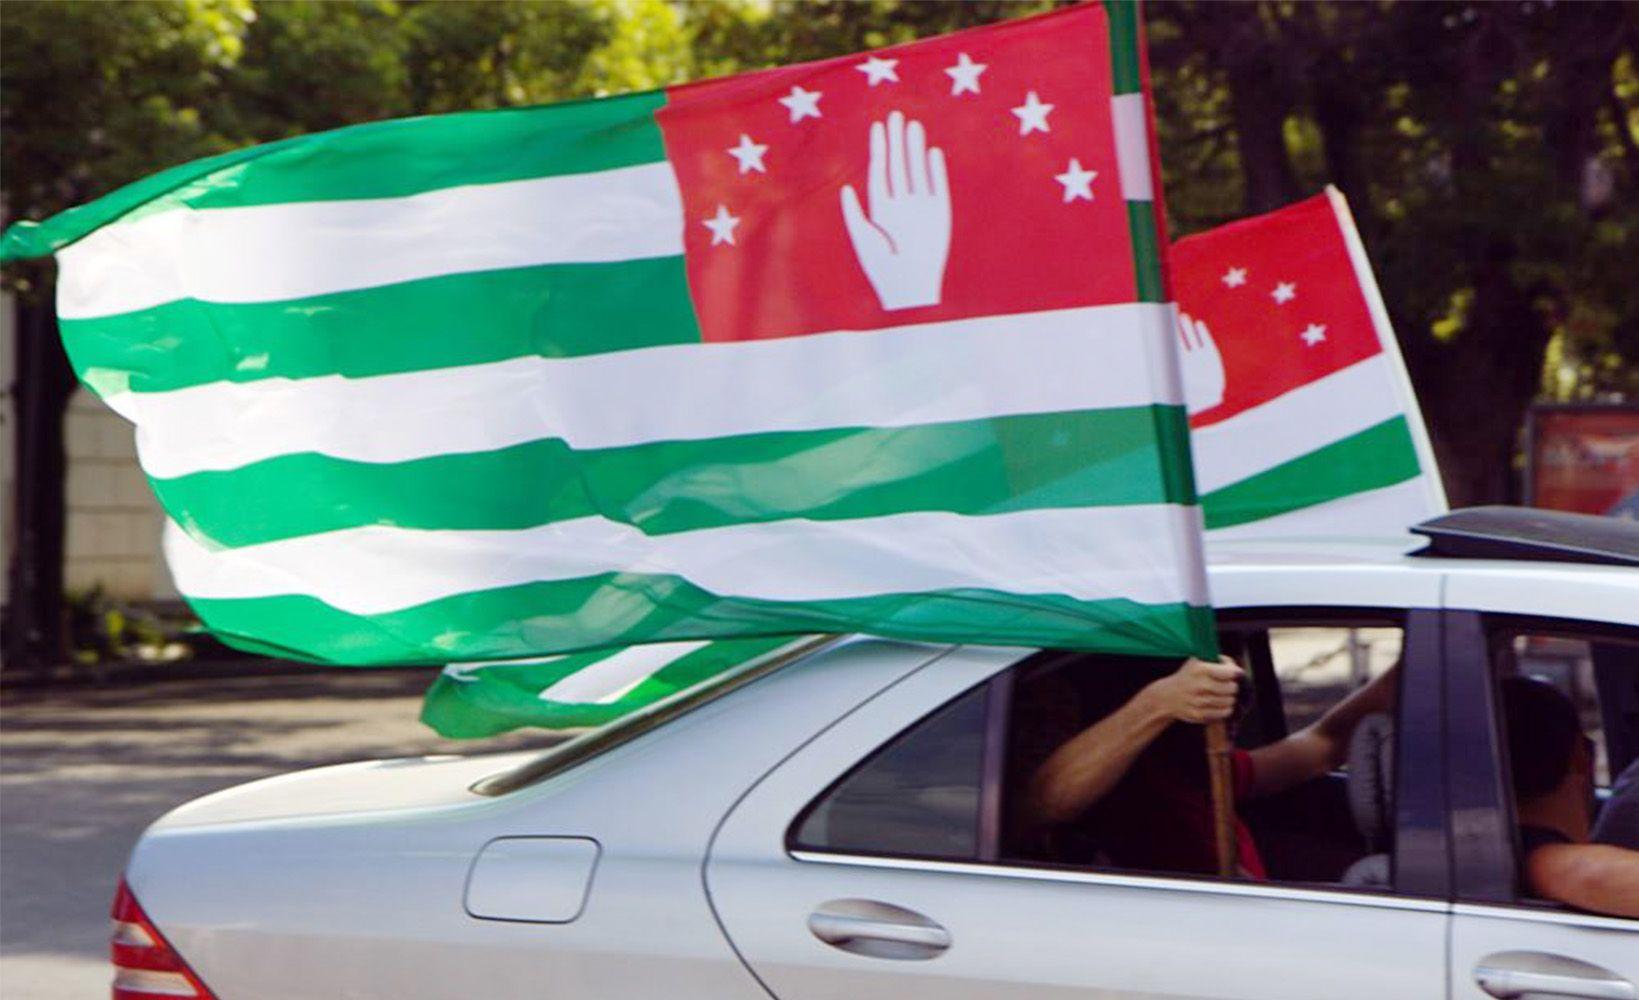 Абхазия не будет проводить референдум о присоединении к РФ- Kapital.kz